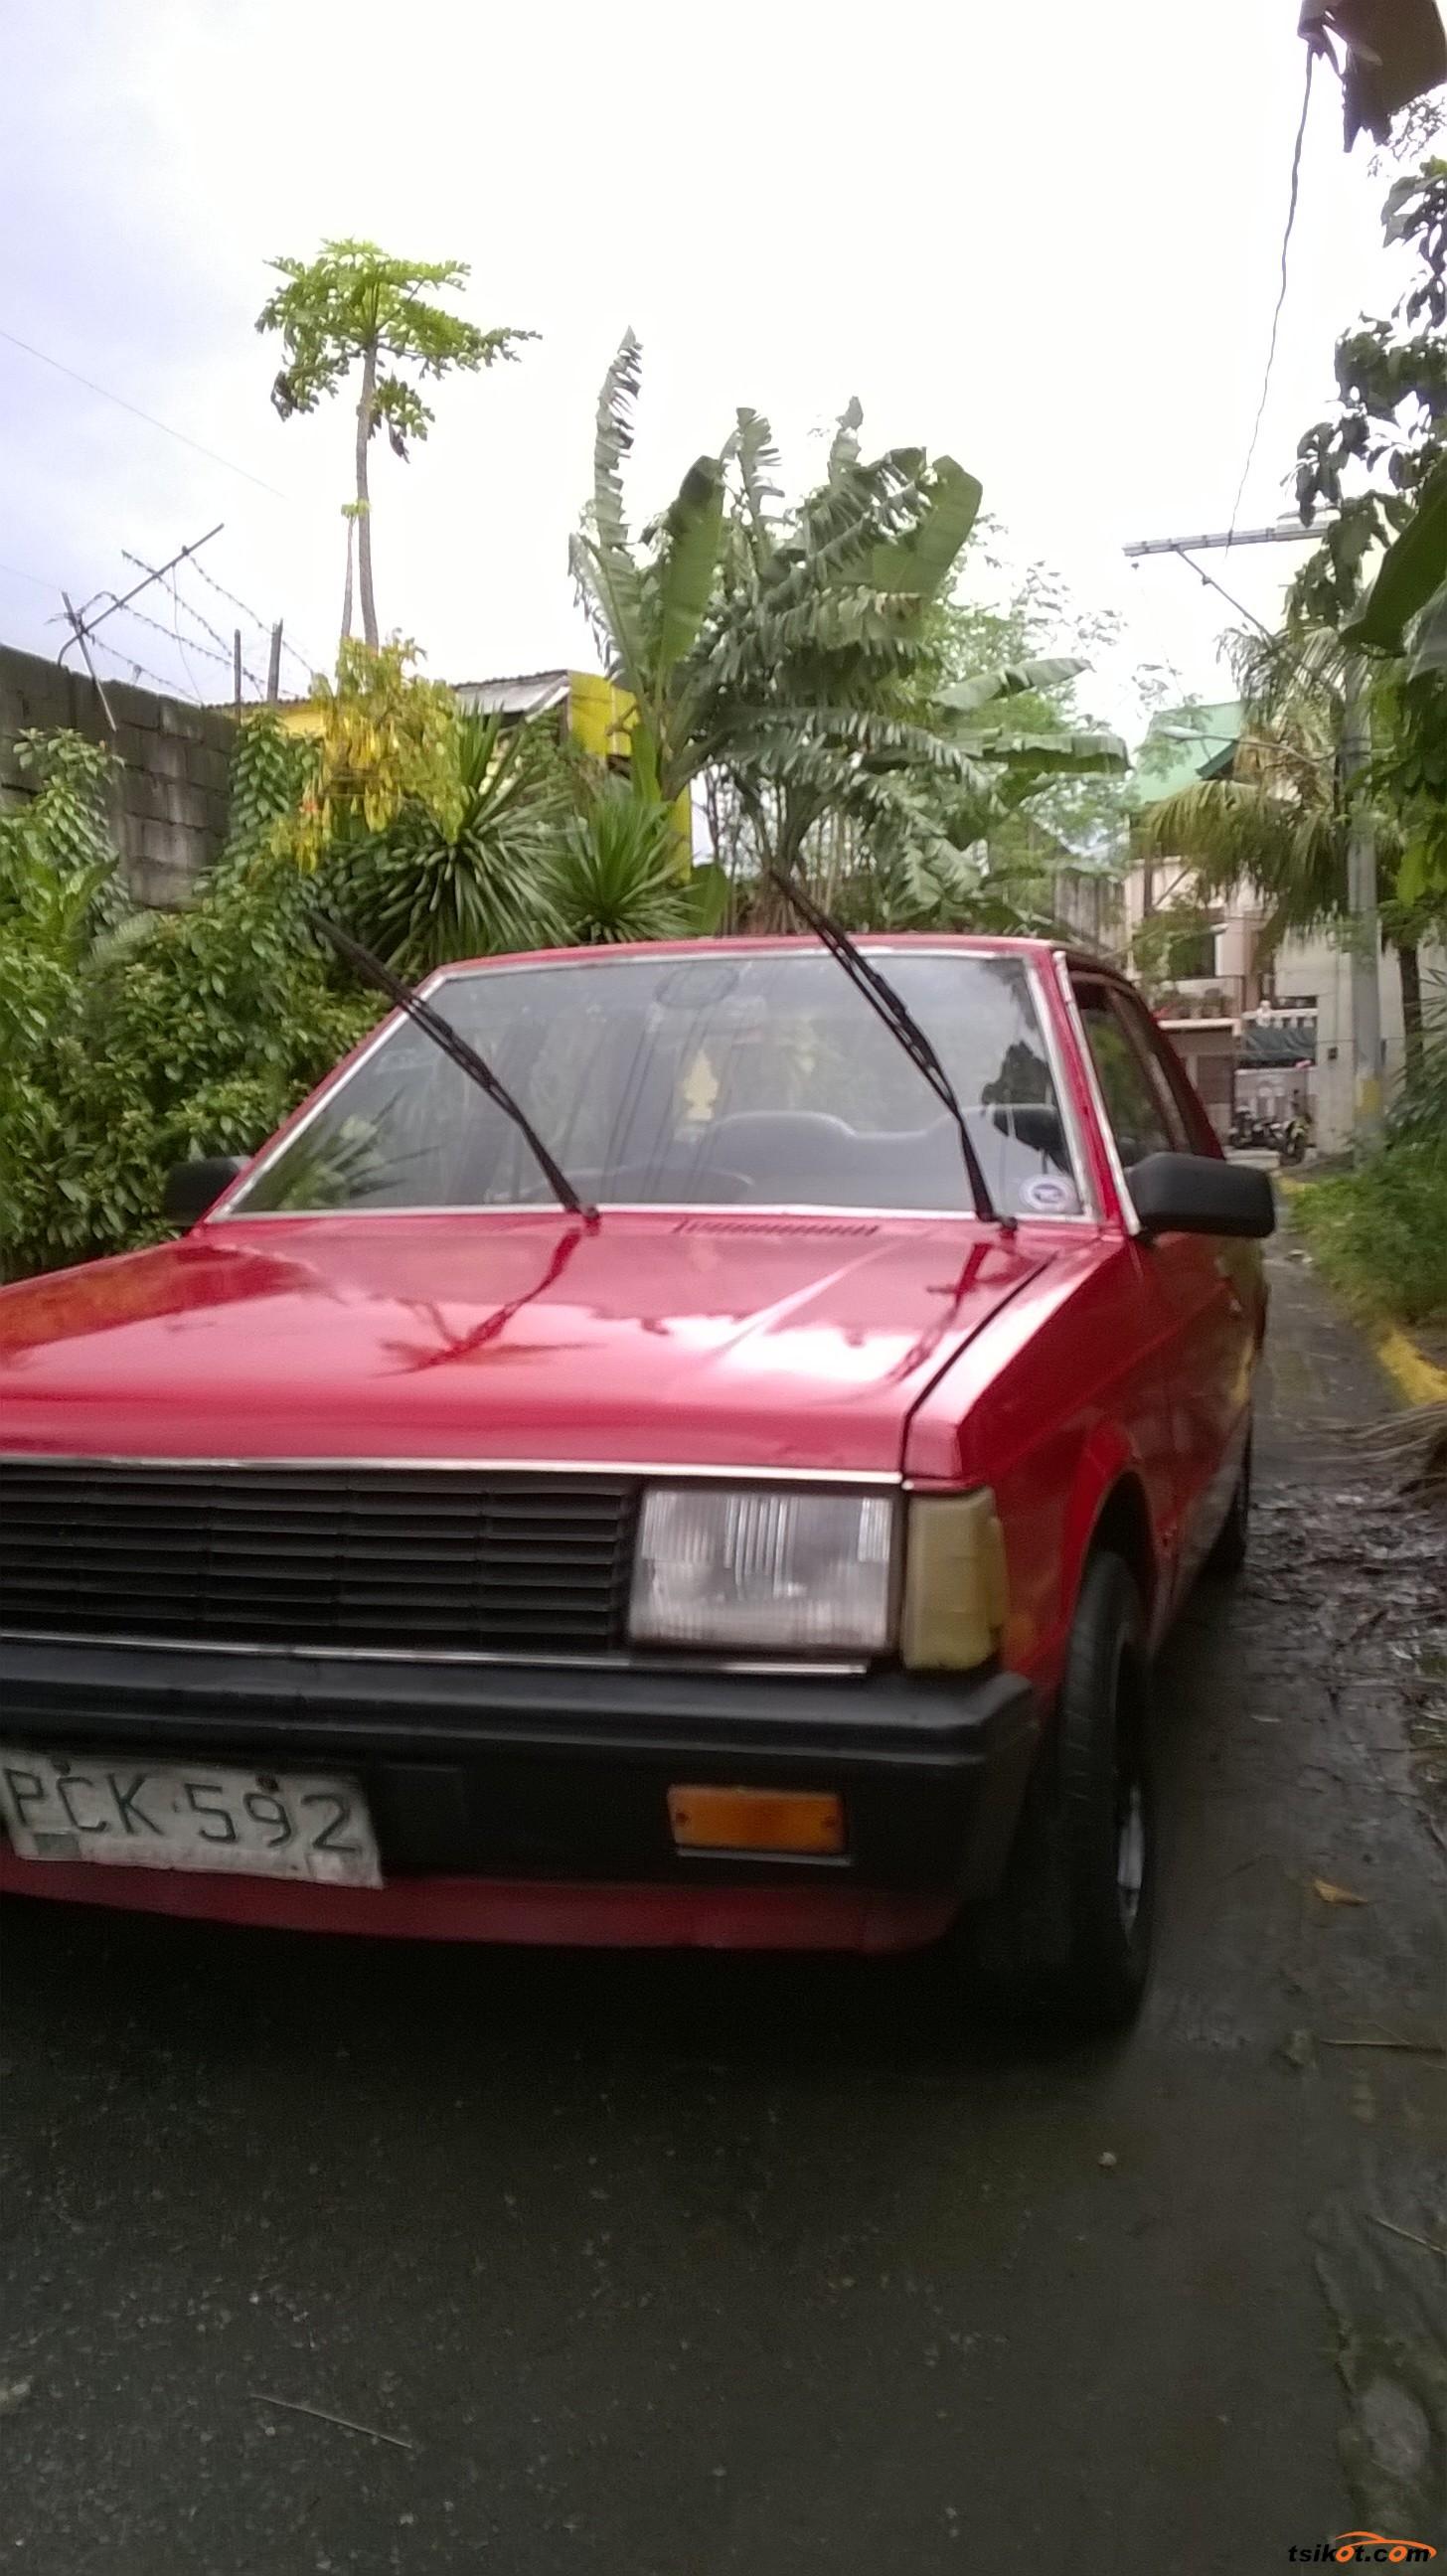 Mitsubishi Lancer 1982 - 1